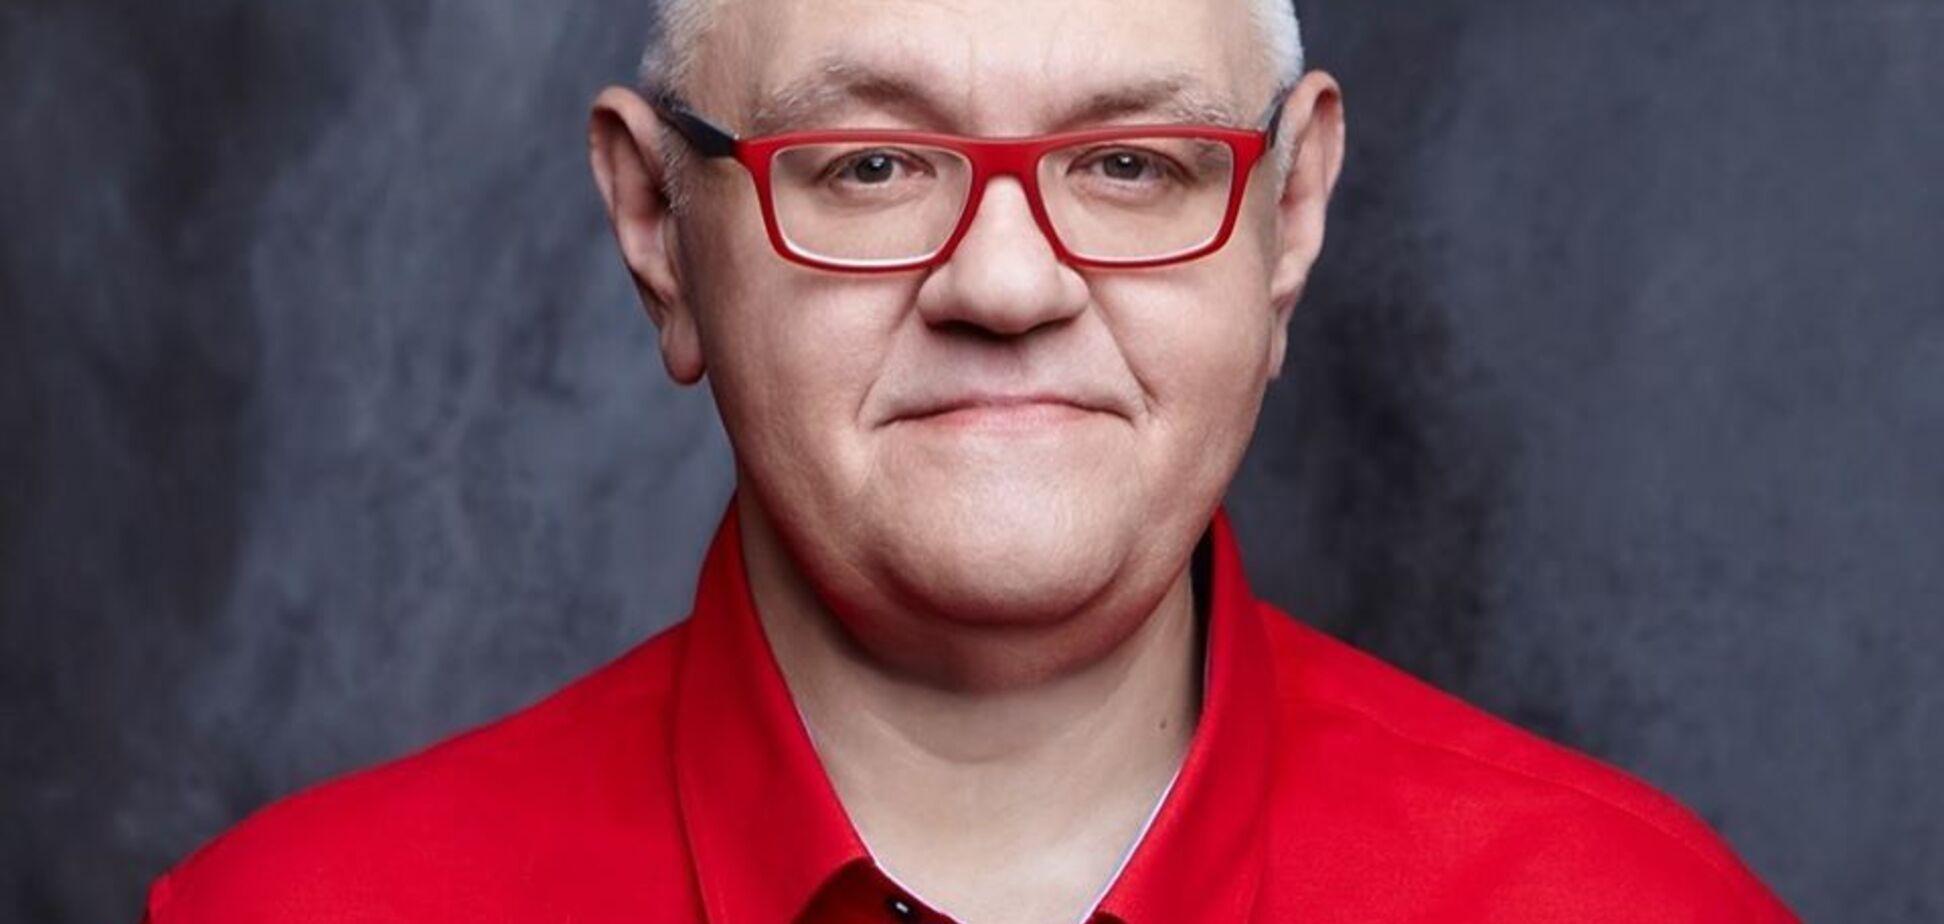 'Зрадник!' Сивохо розлютив українців ідеєю повернення Донбасу